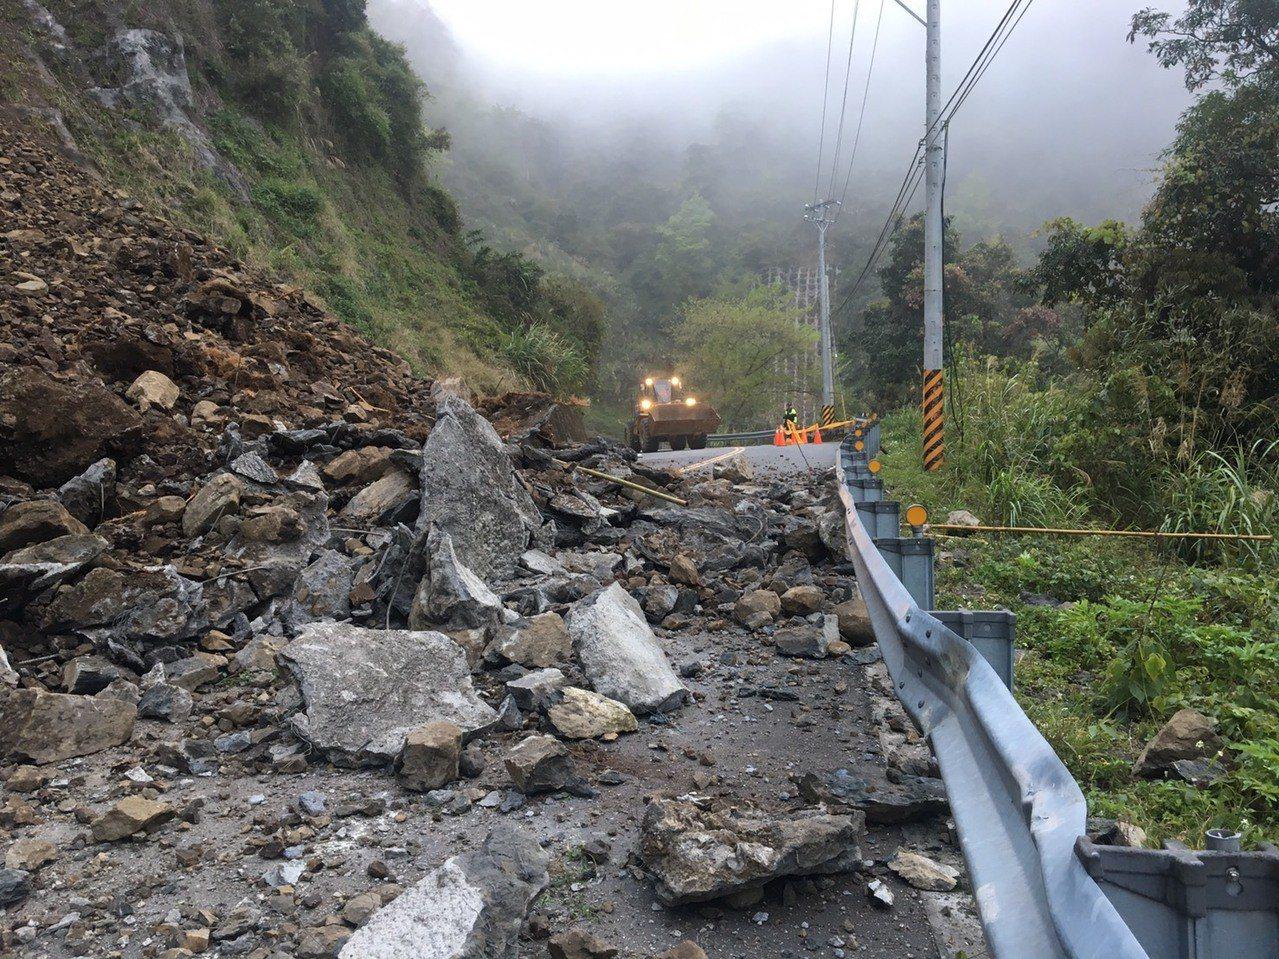 台18線可里山公路十字村路段今天凌晨3點多出現大量坍方落石。記者謝恩得/翻攝